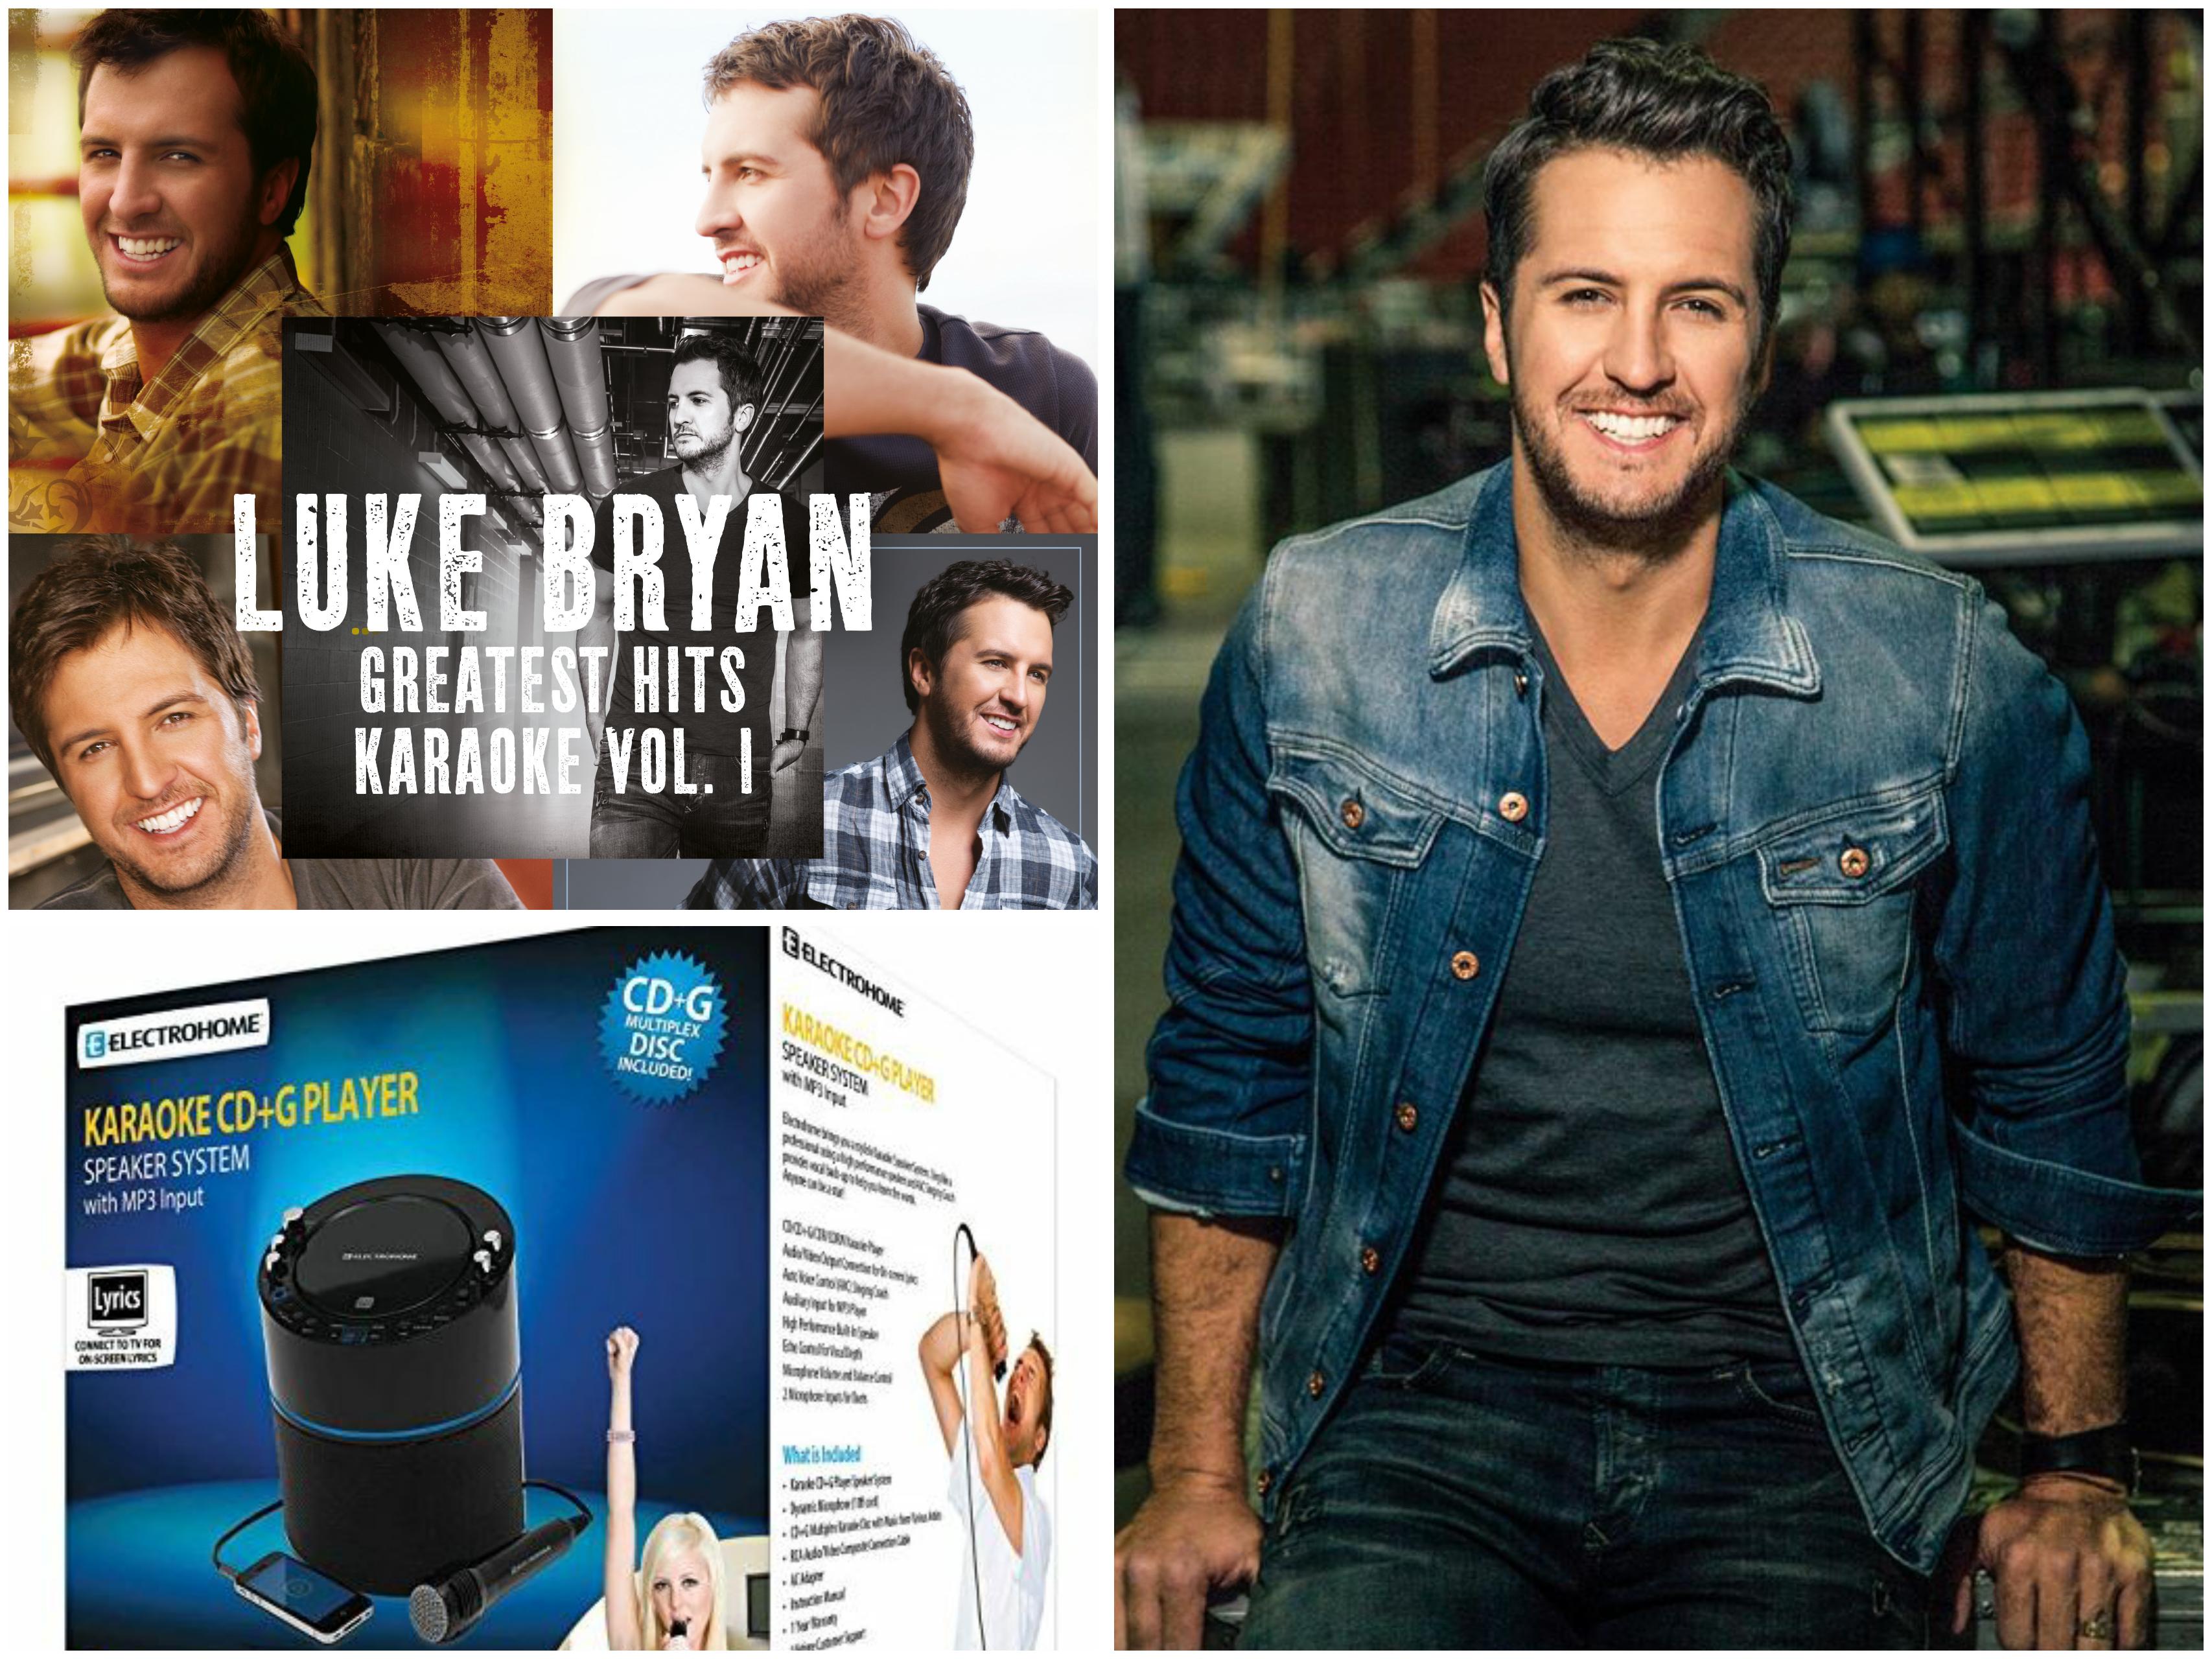 WIN a Karaoke Machine Speaker System + Luke Bryan Greatest Hits Karaoke Vol. 1